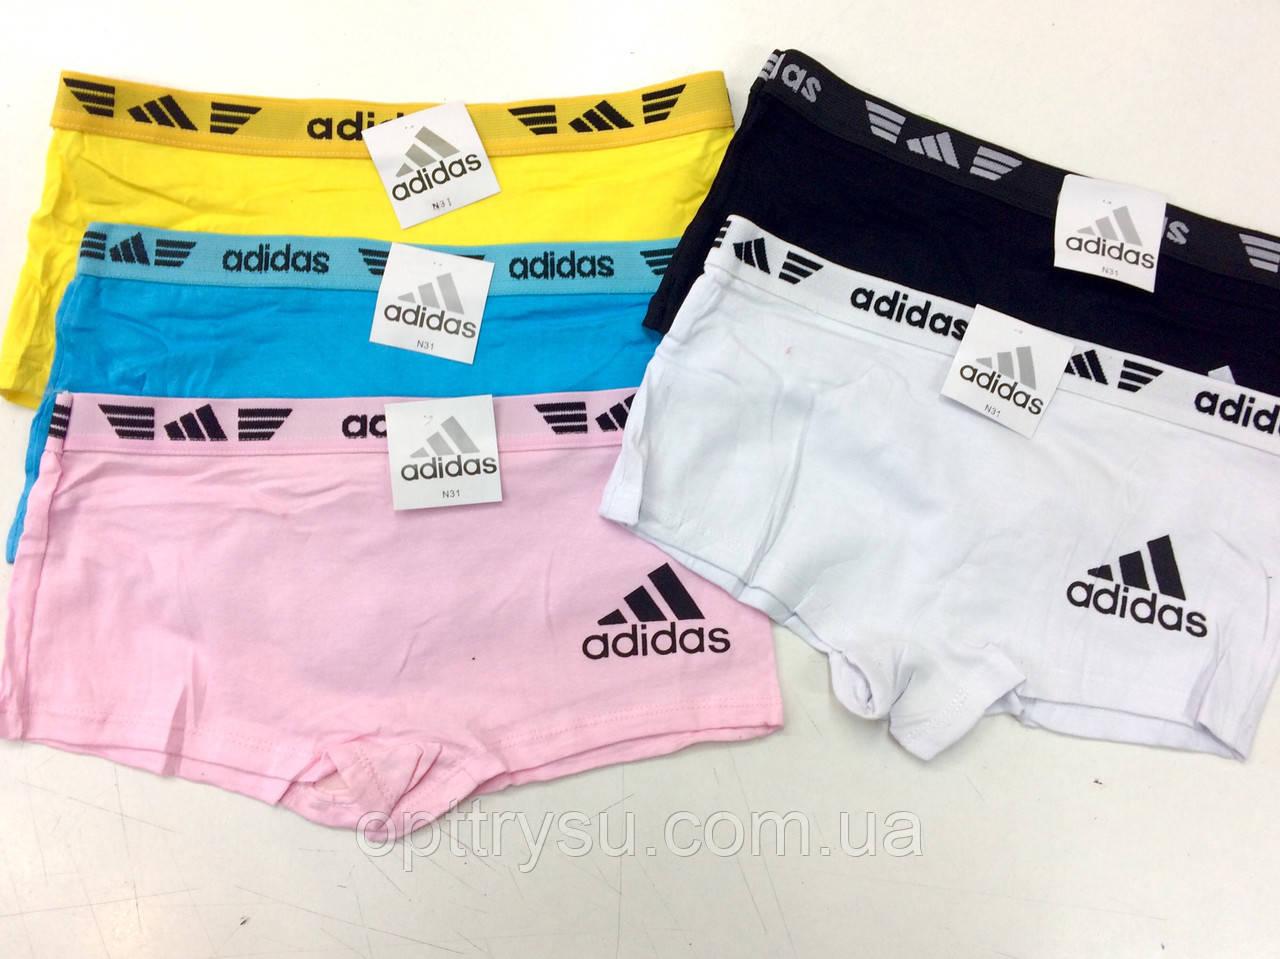 Шорты Adidas хлопок 44